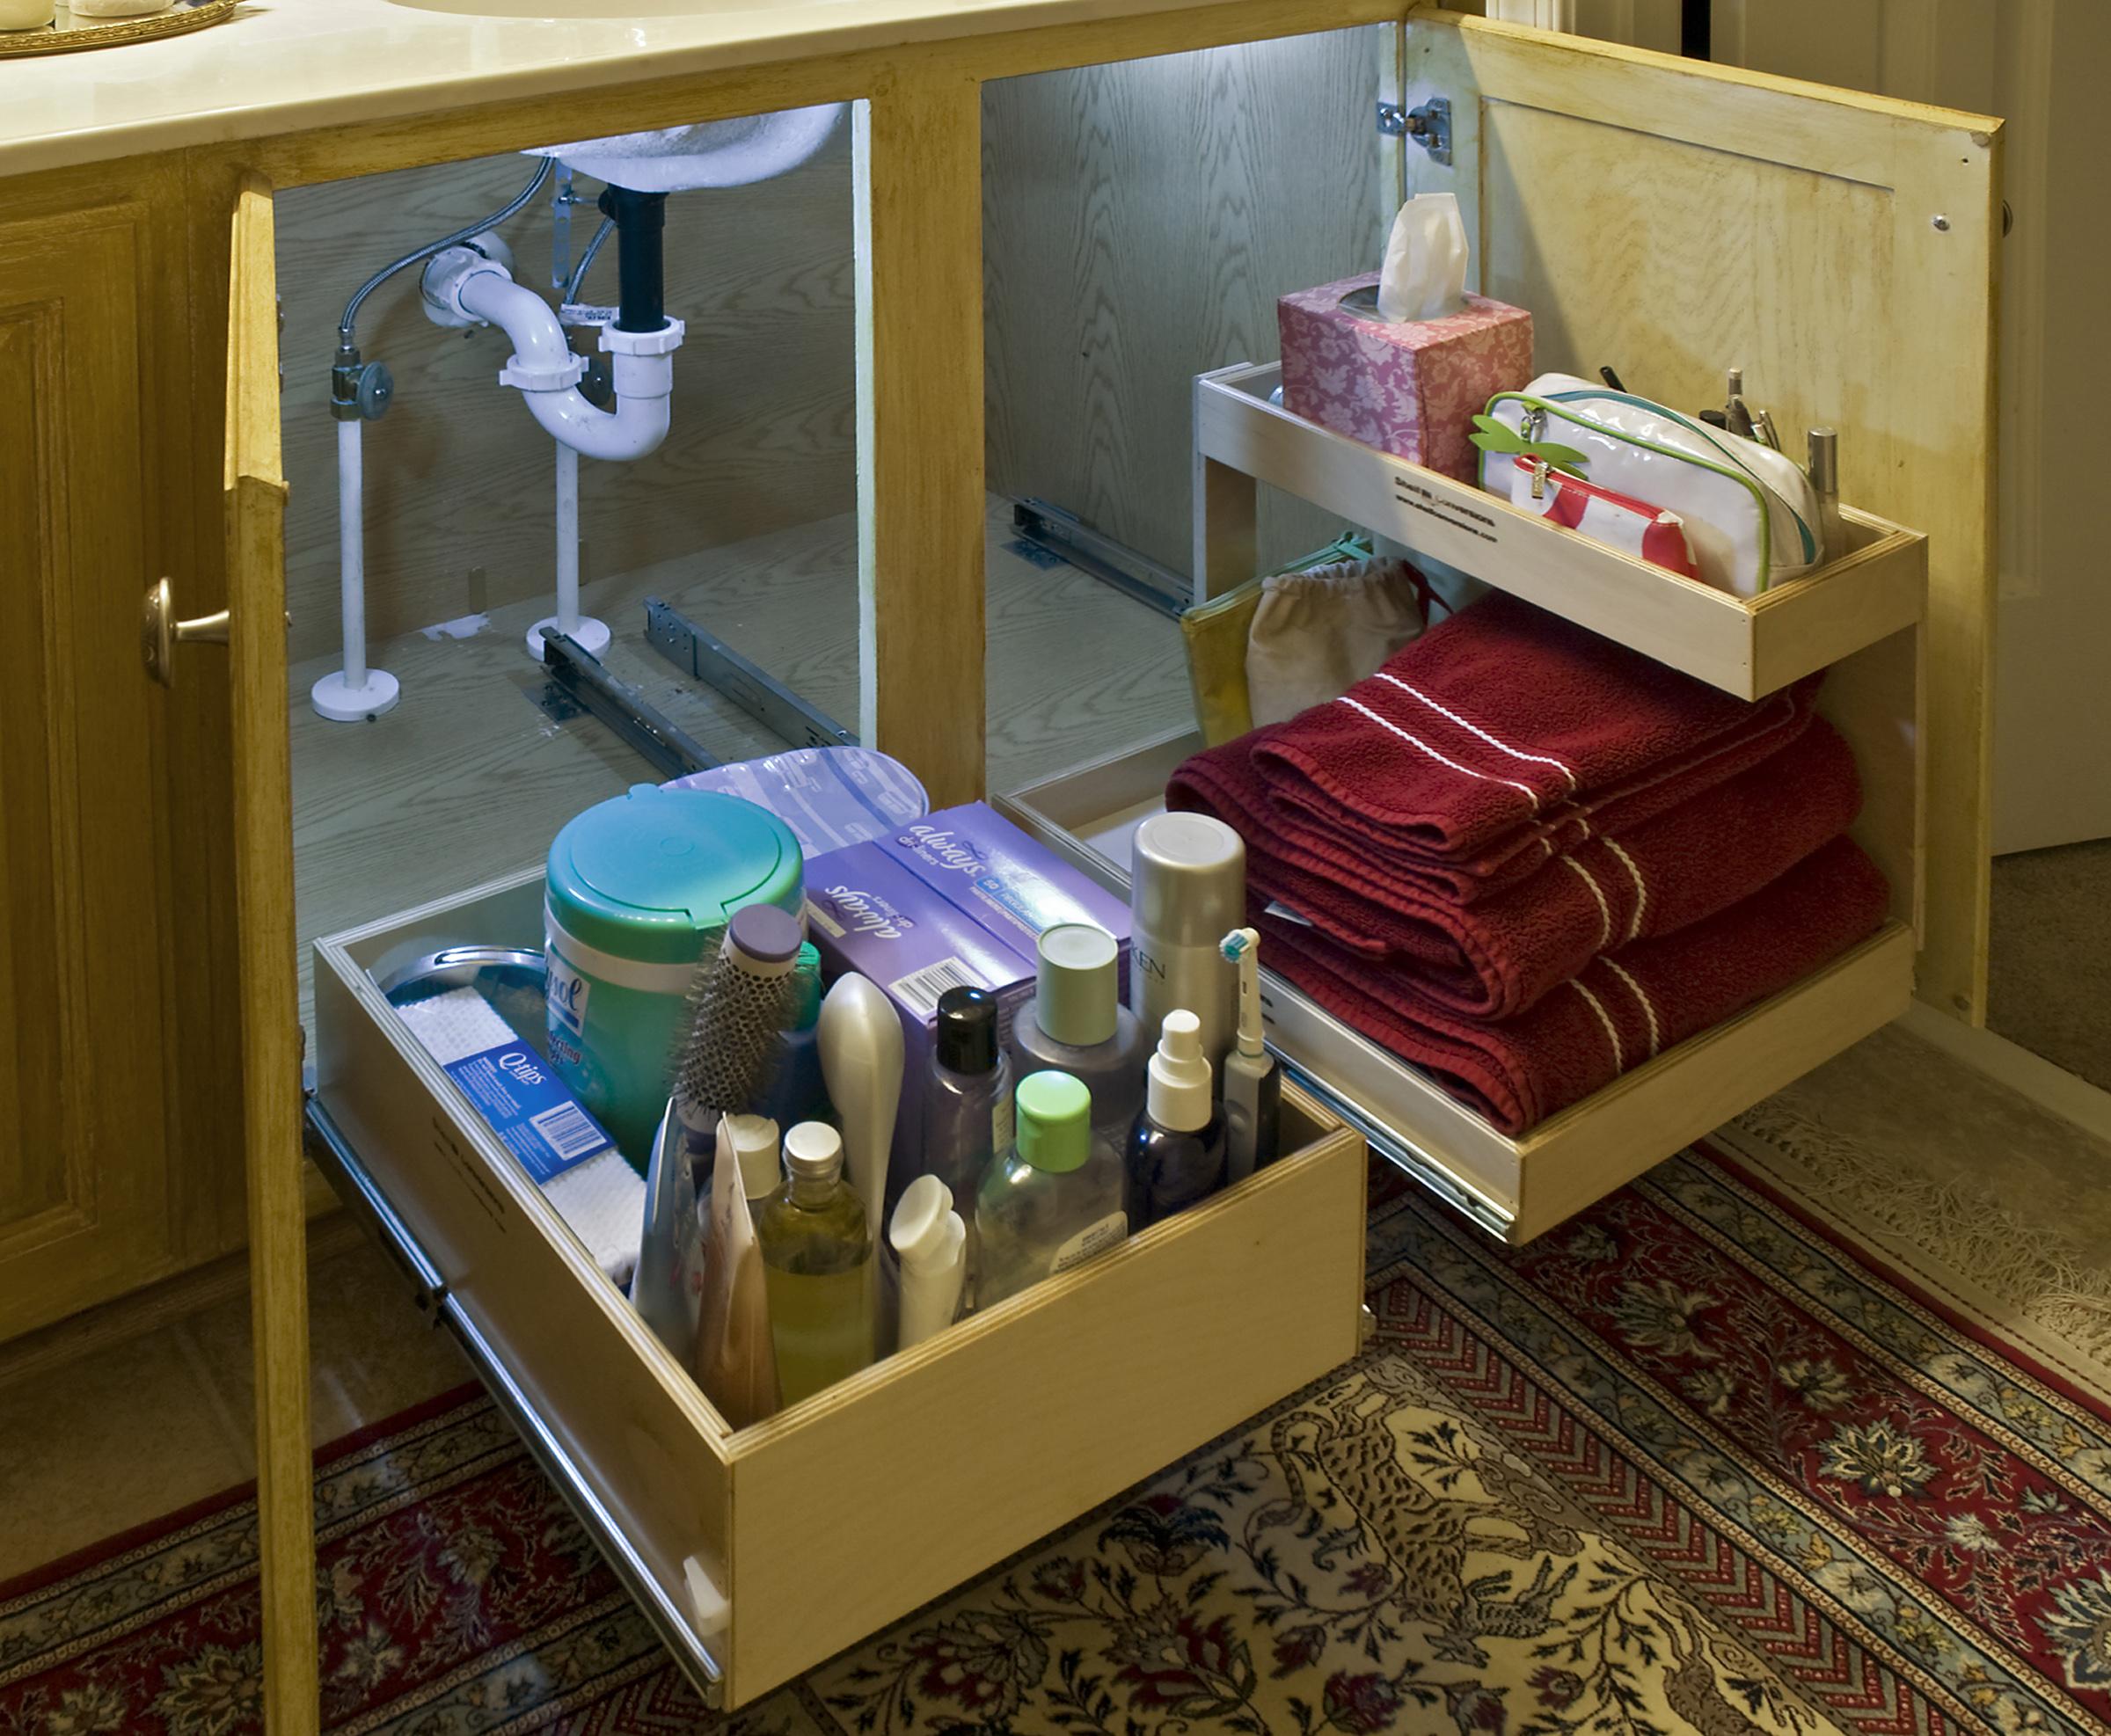 https hausratversicherungkosten info www collection extraordinary kitchen under sink storage htm